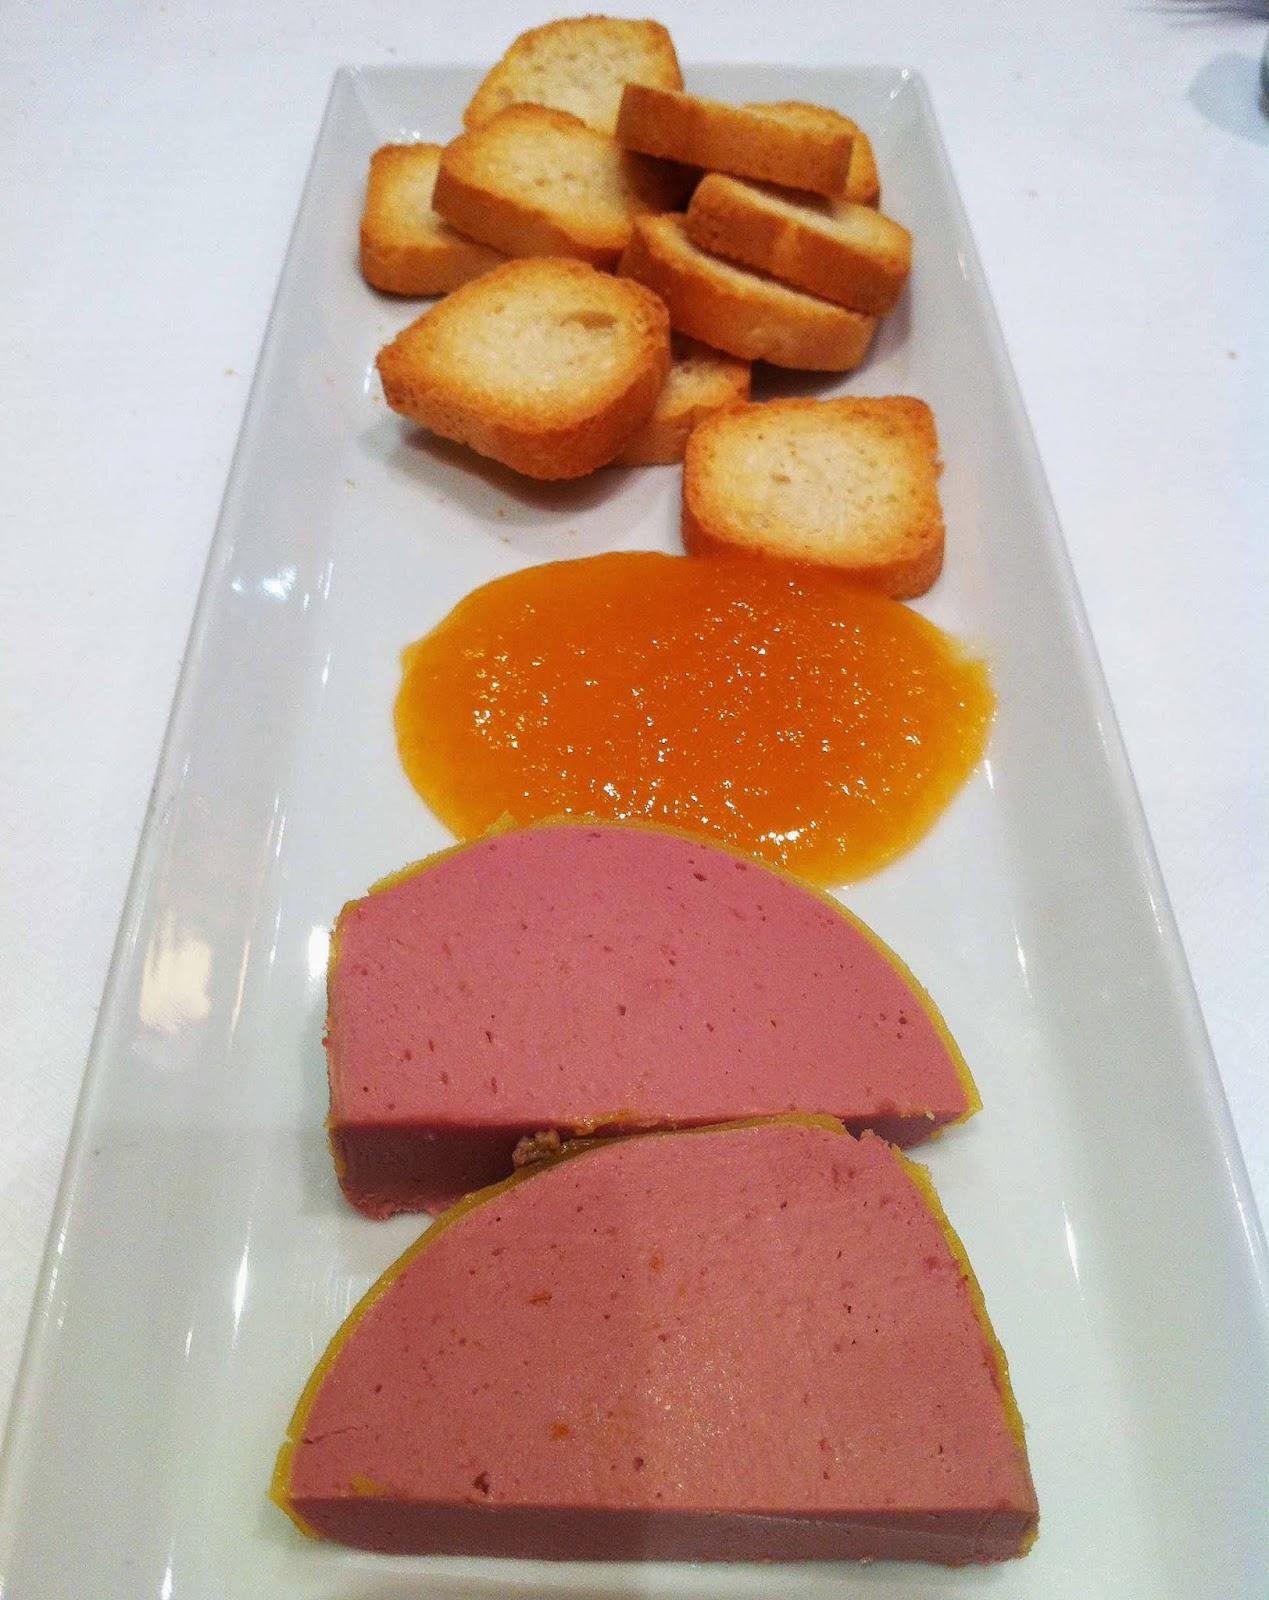 Restaurante-Oncalada-Bilbao-Pate-Oca